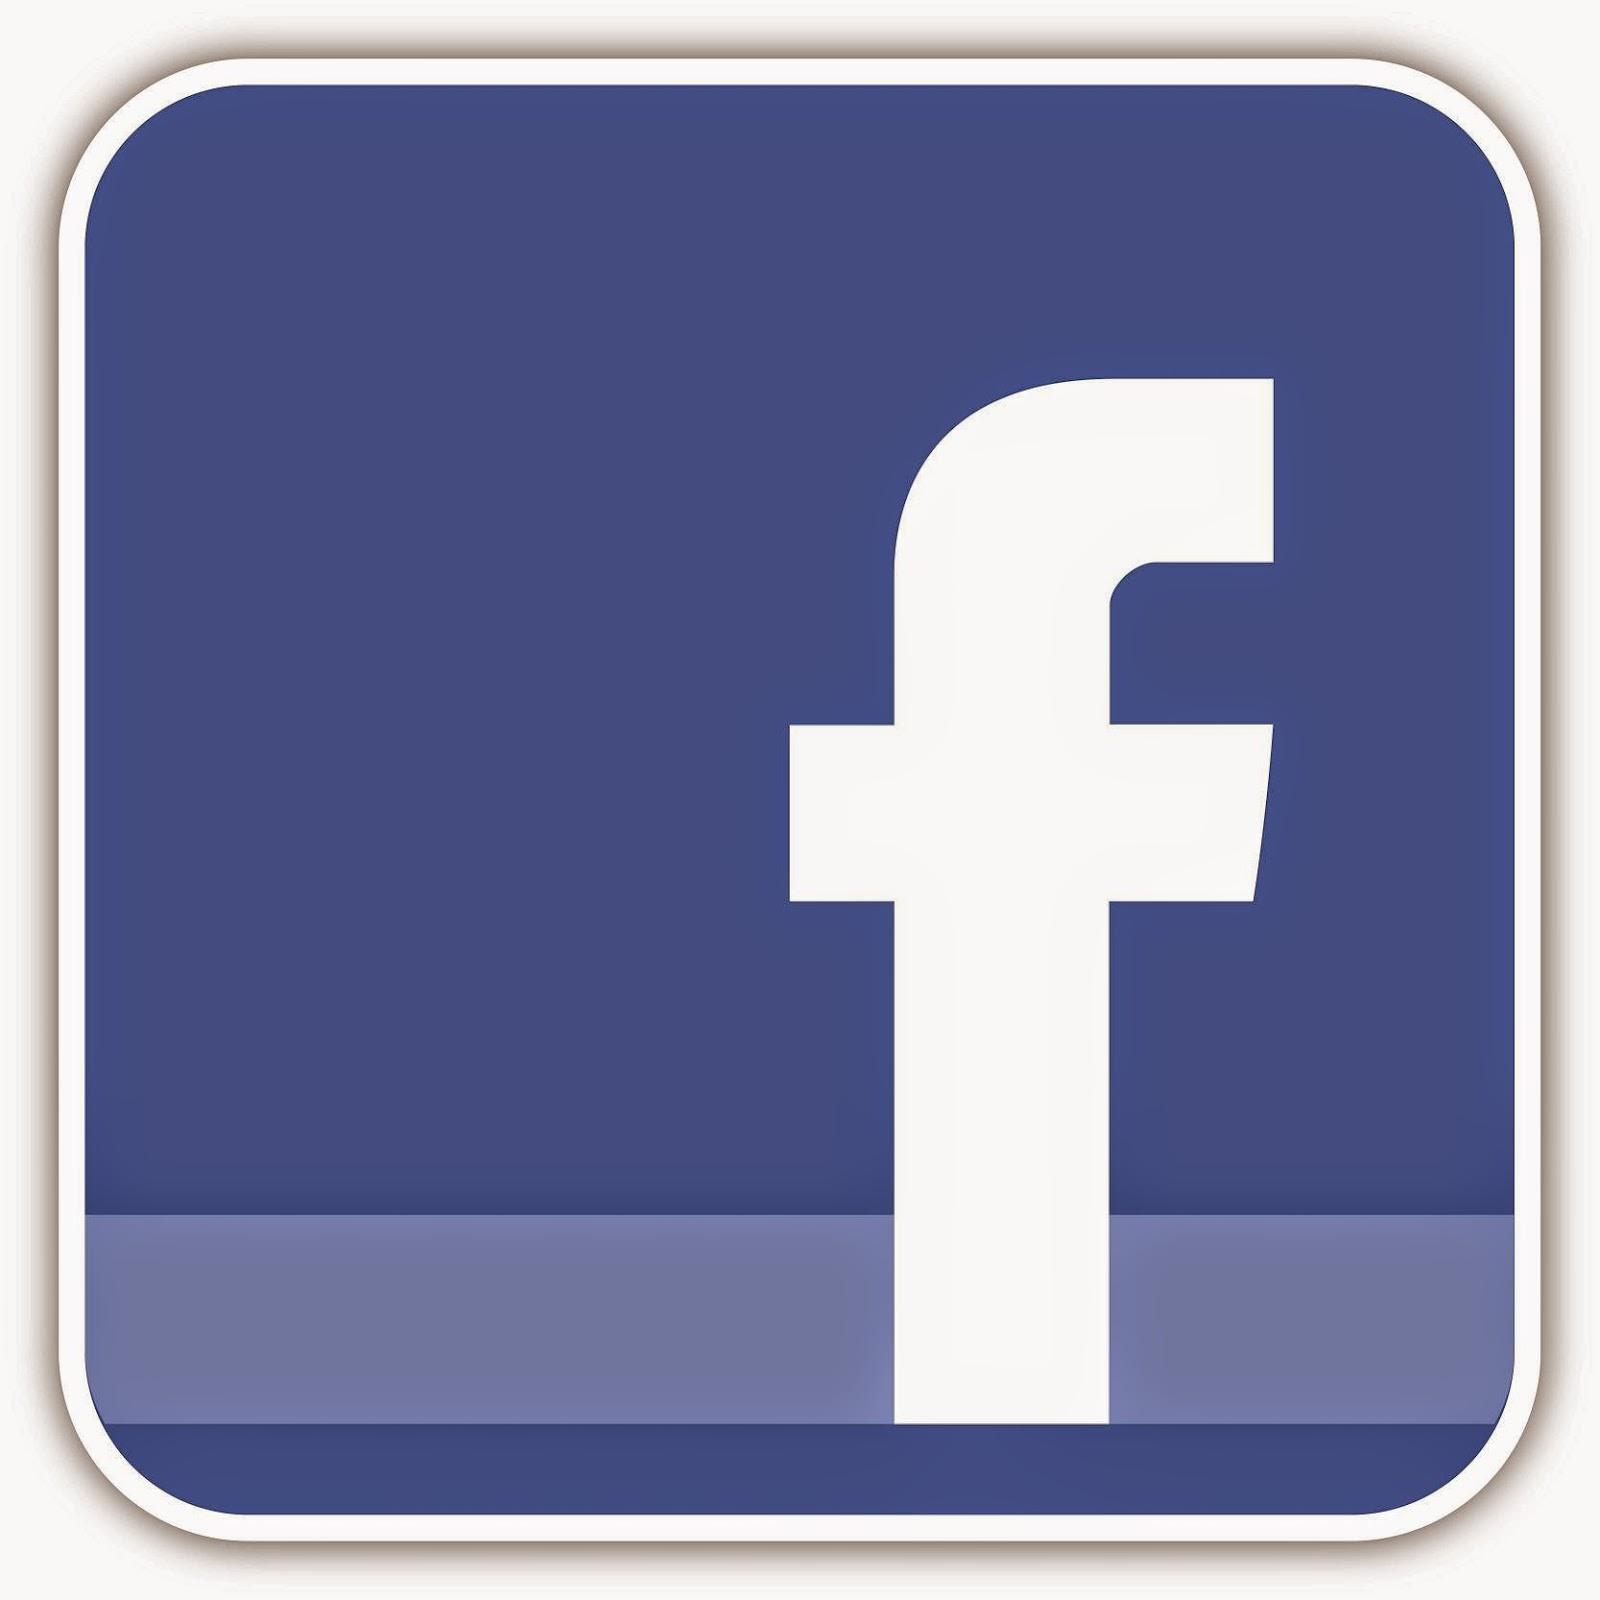 https://www.facebook.com/OVERQUALIFIEDStef